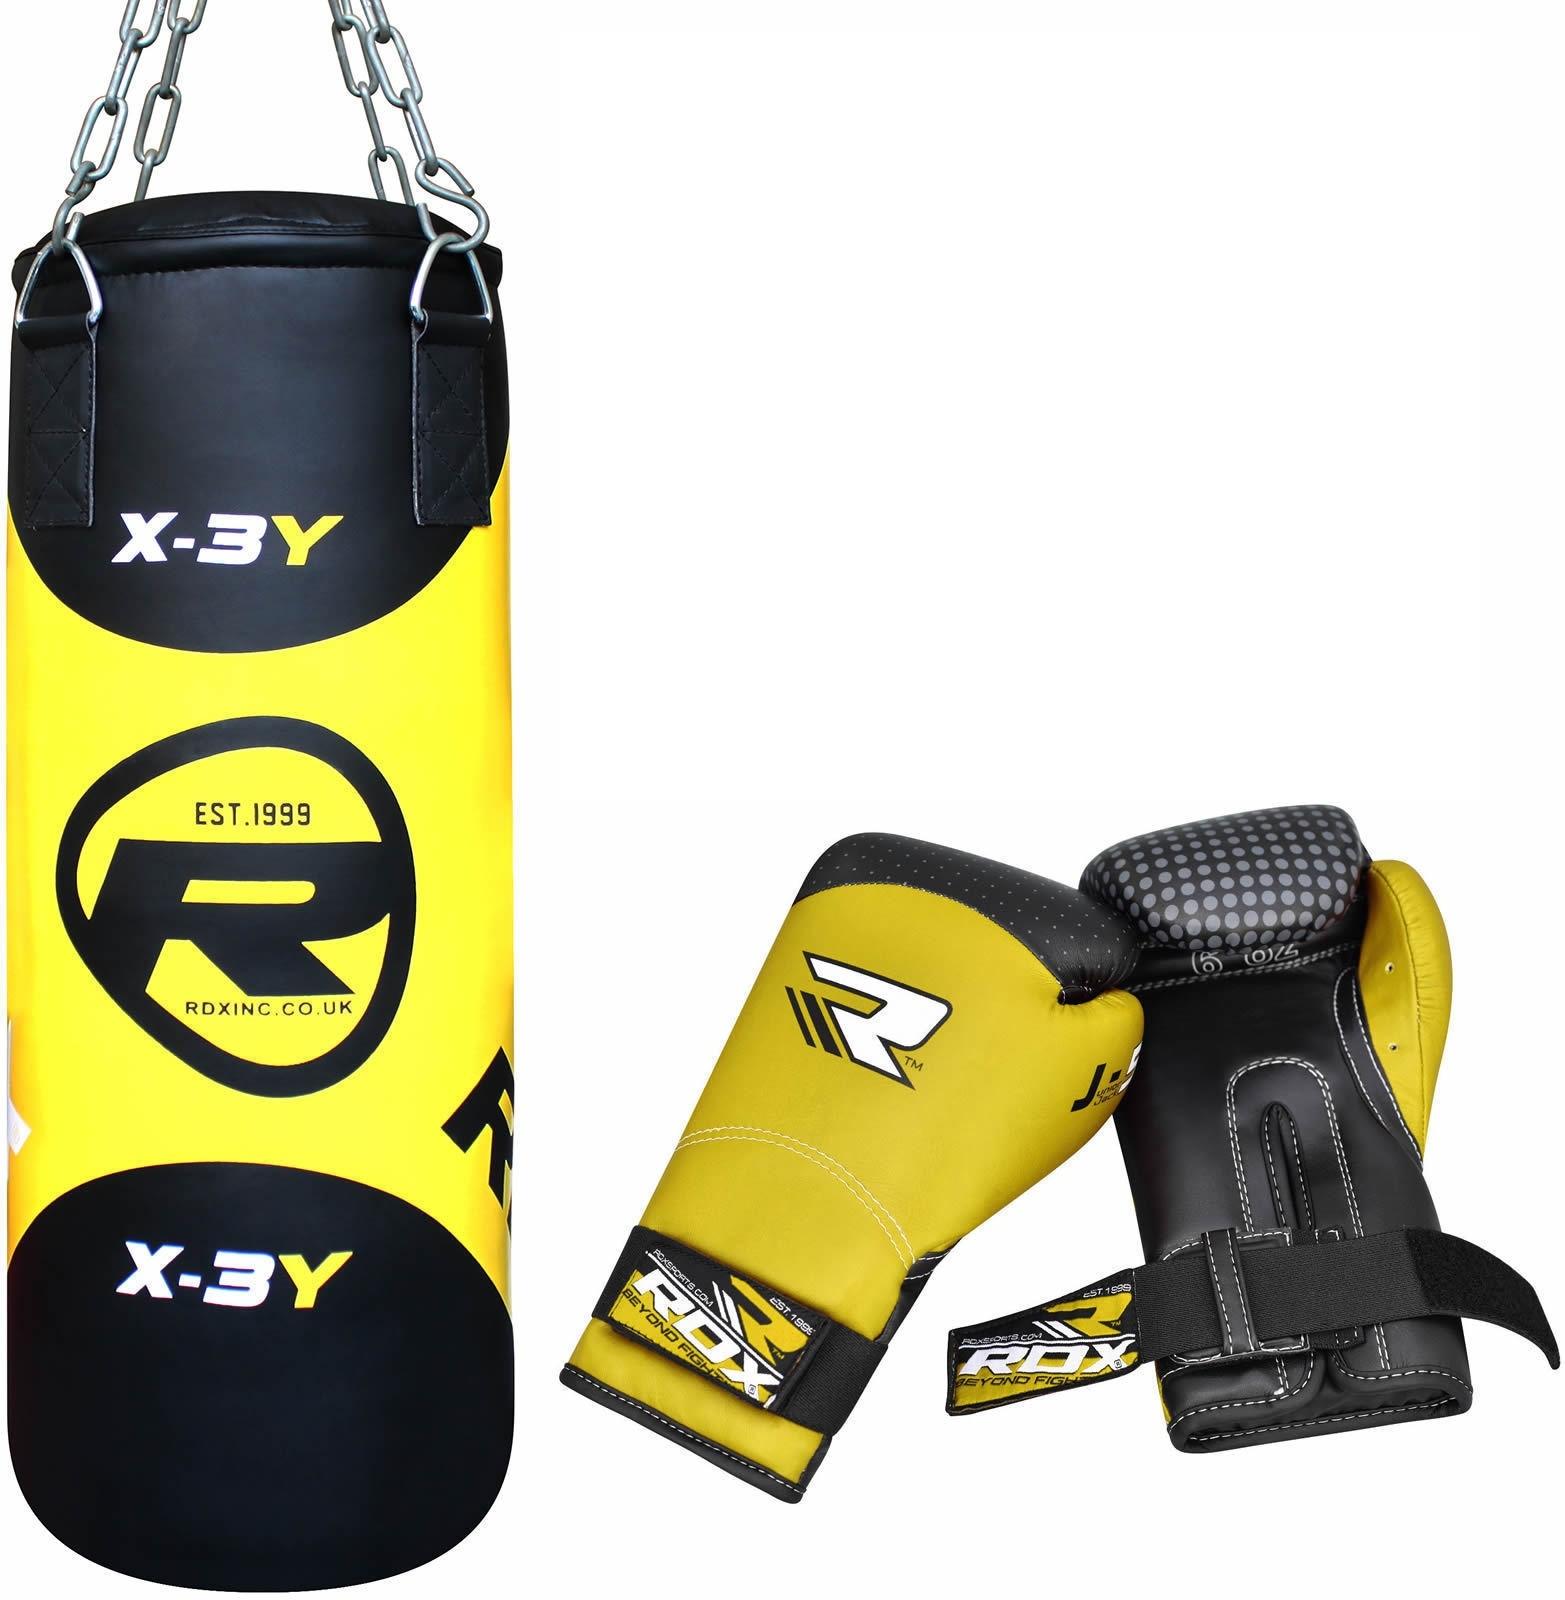 Груши Набор детский RDX Filled Zero Impact G-Core 2ft Kids Boxing Set Punching Bag 1.jpg